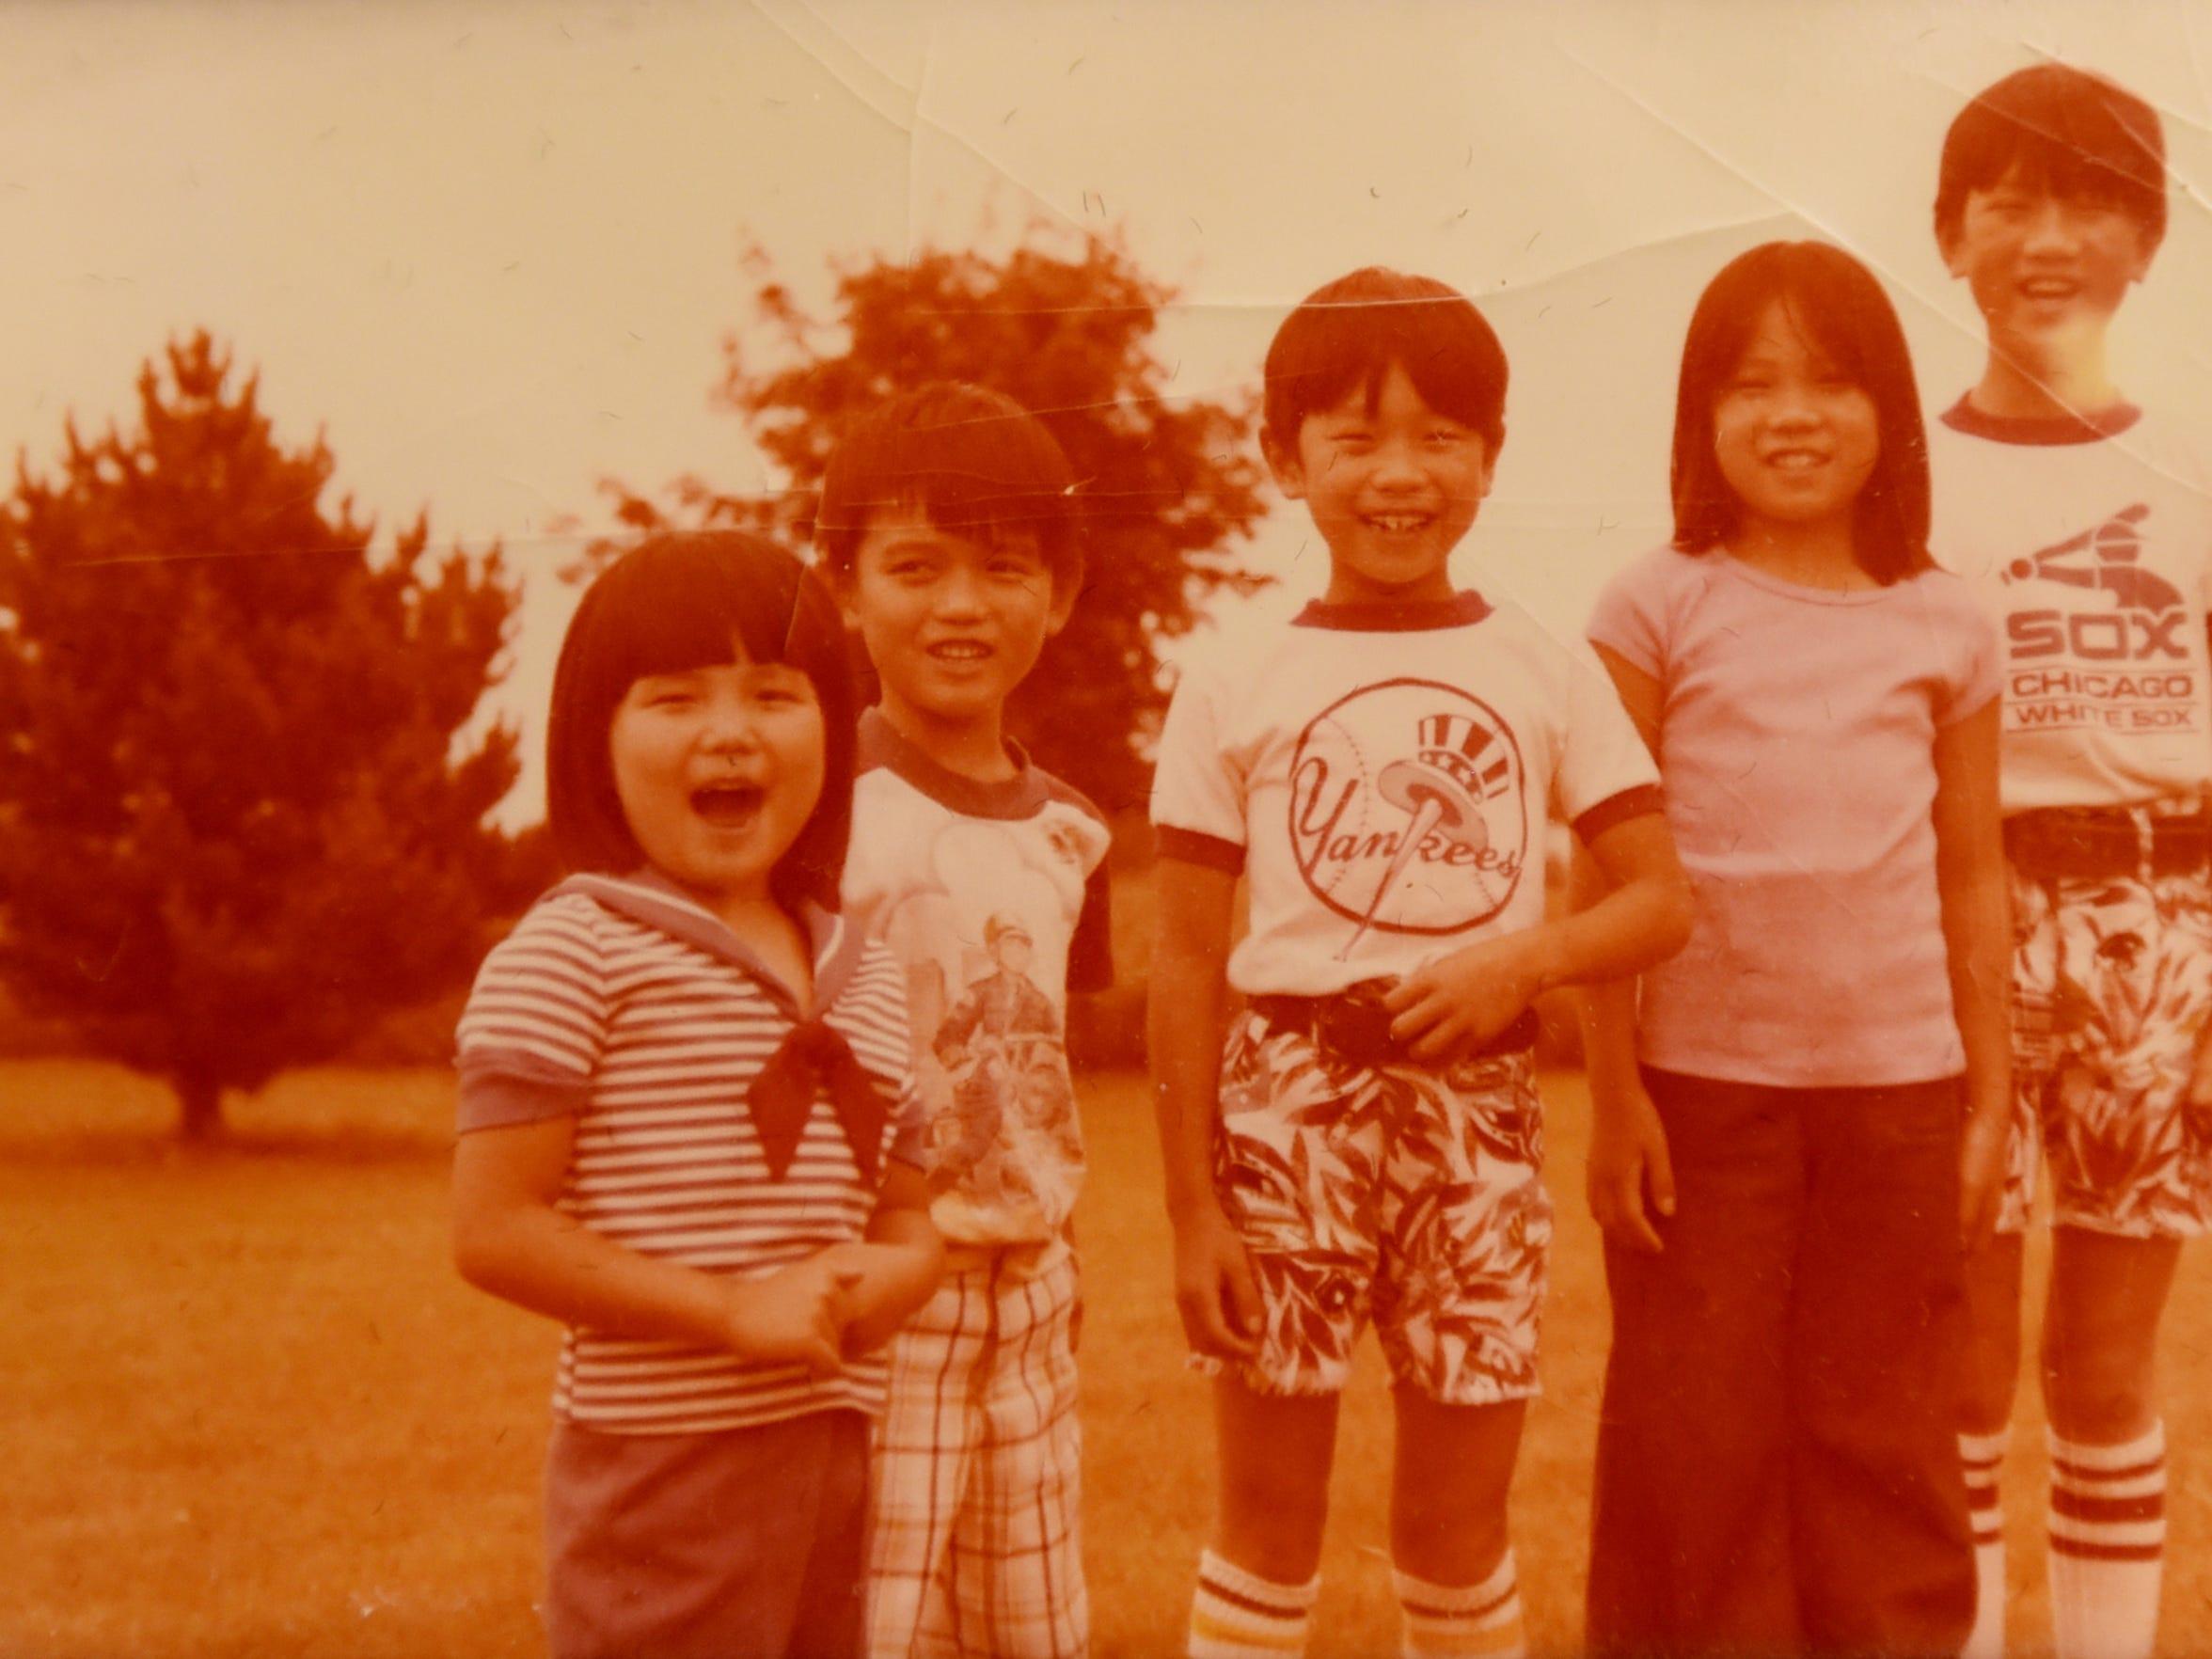 Hang (Hanna) Thi Hoang and siblings in a family photo.